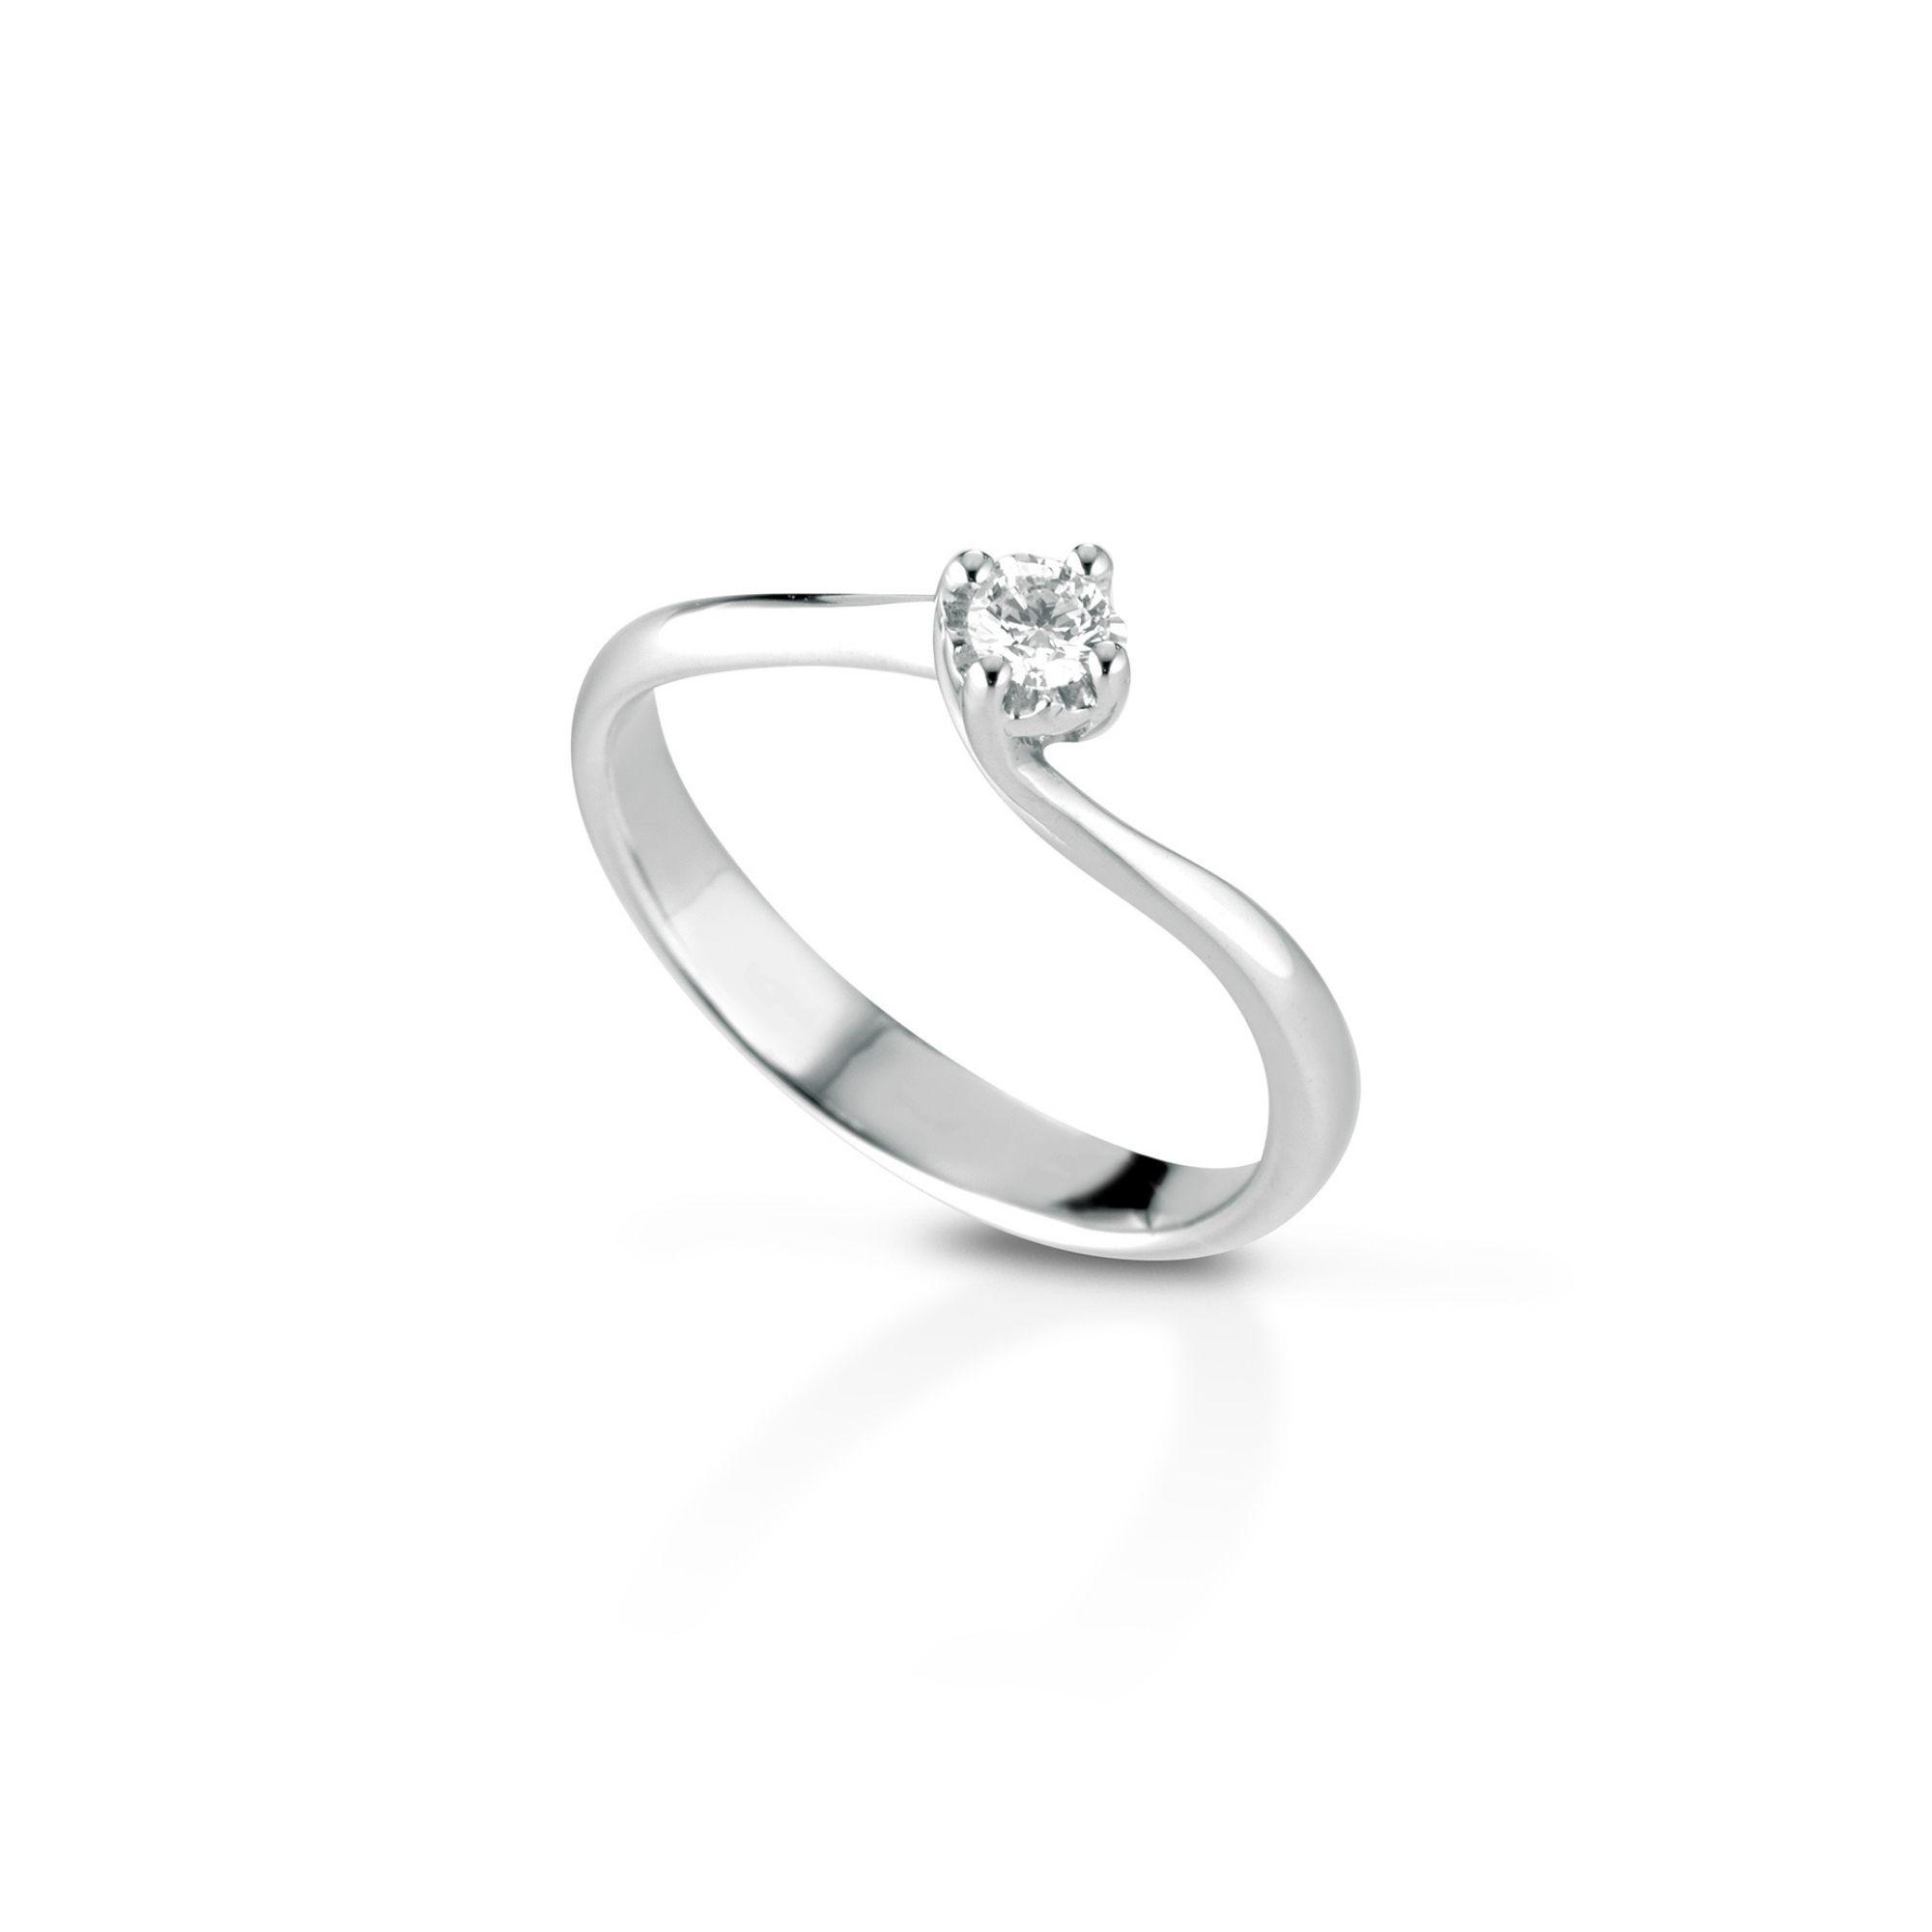 Anello solitario con diamante Solitaire ring with diamond sconto discount C